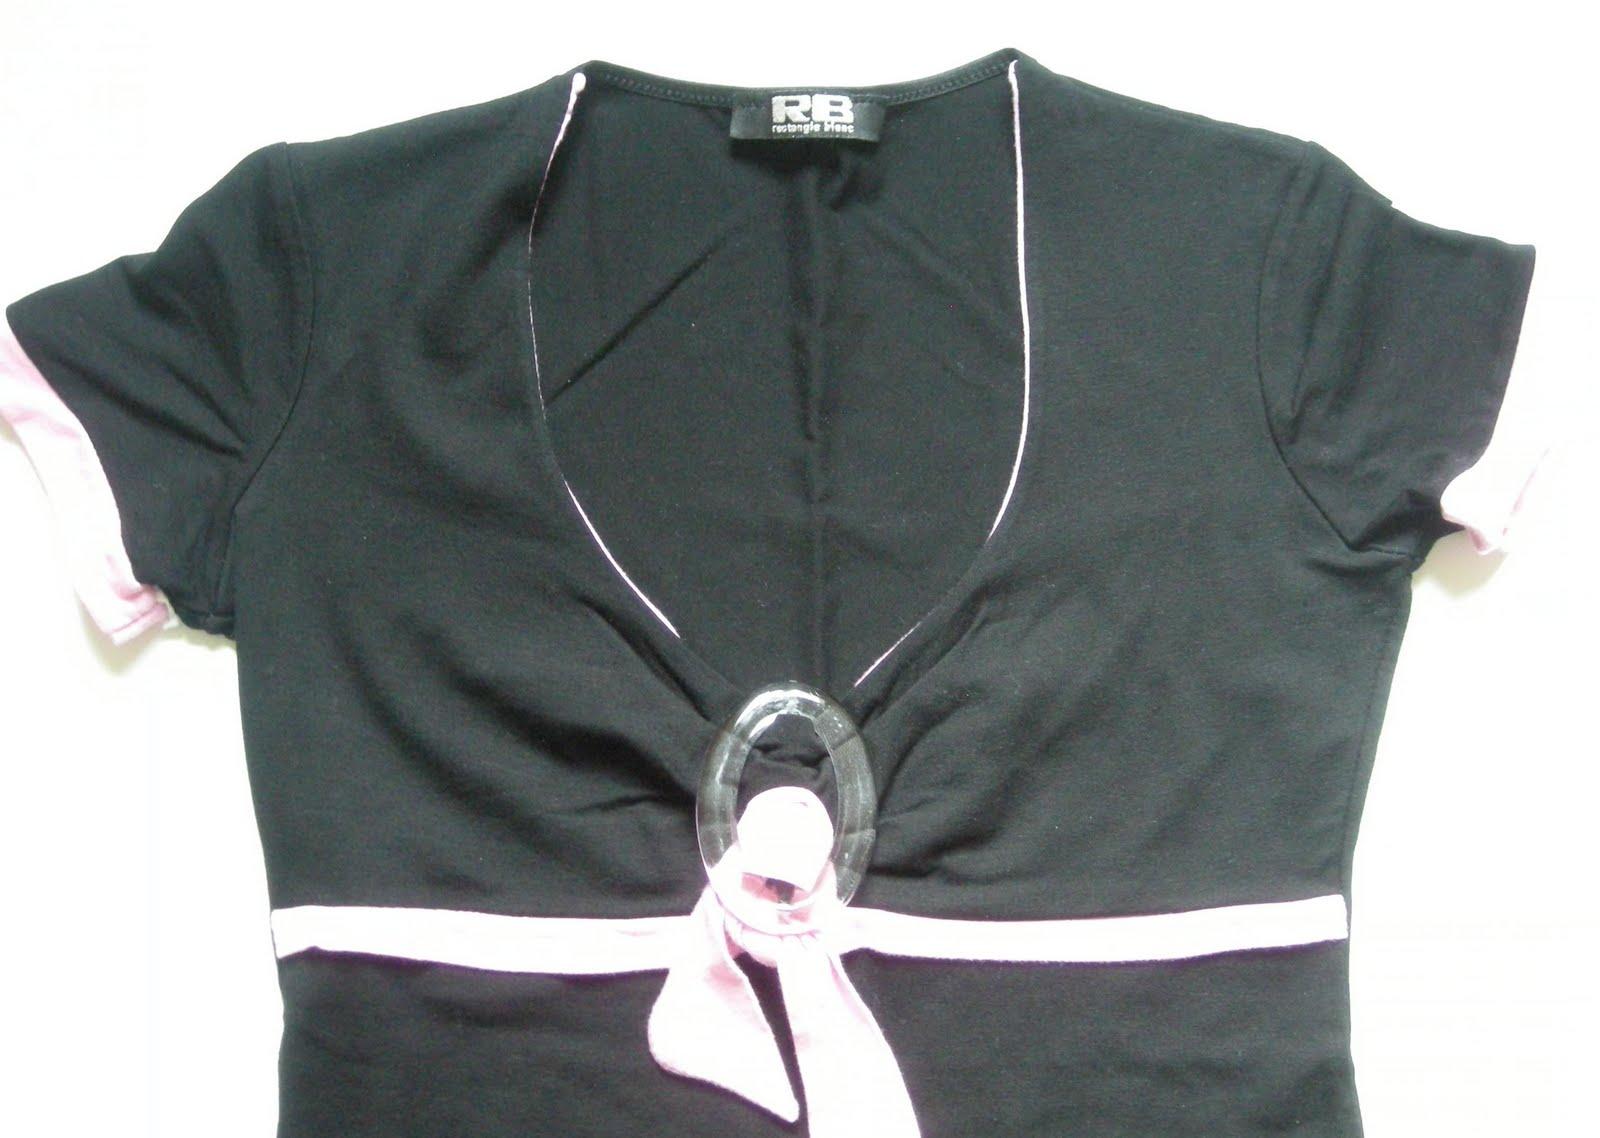 haut pas cher dans vide dressing de Flora : RECTANGLE BLANC - Haut noir et rose - T2 - NEUF